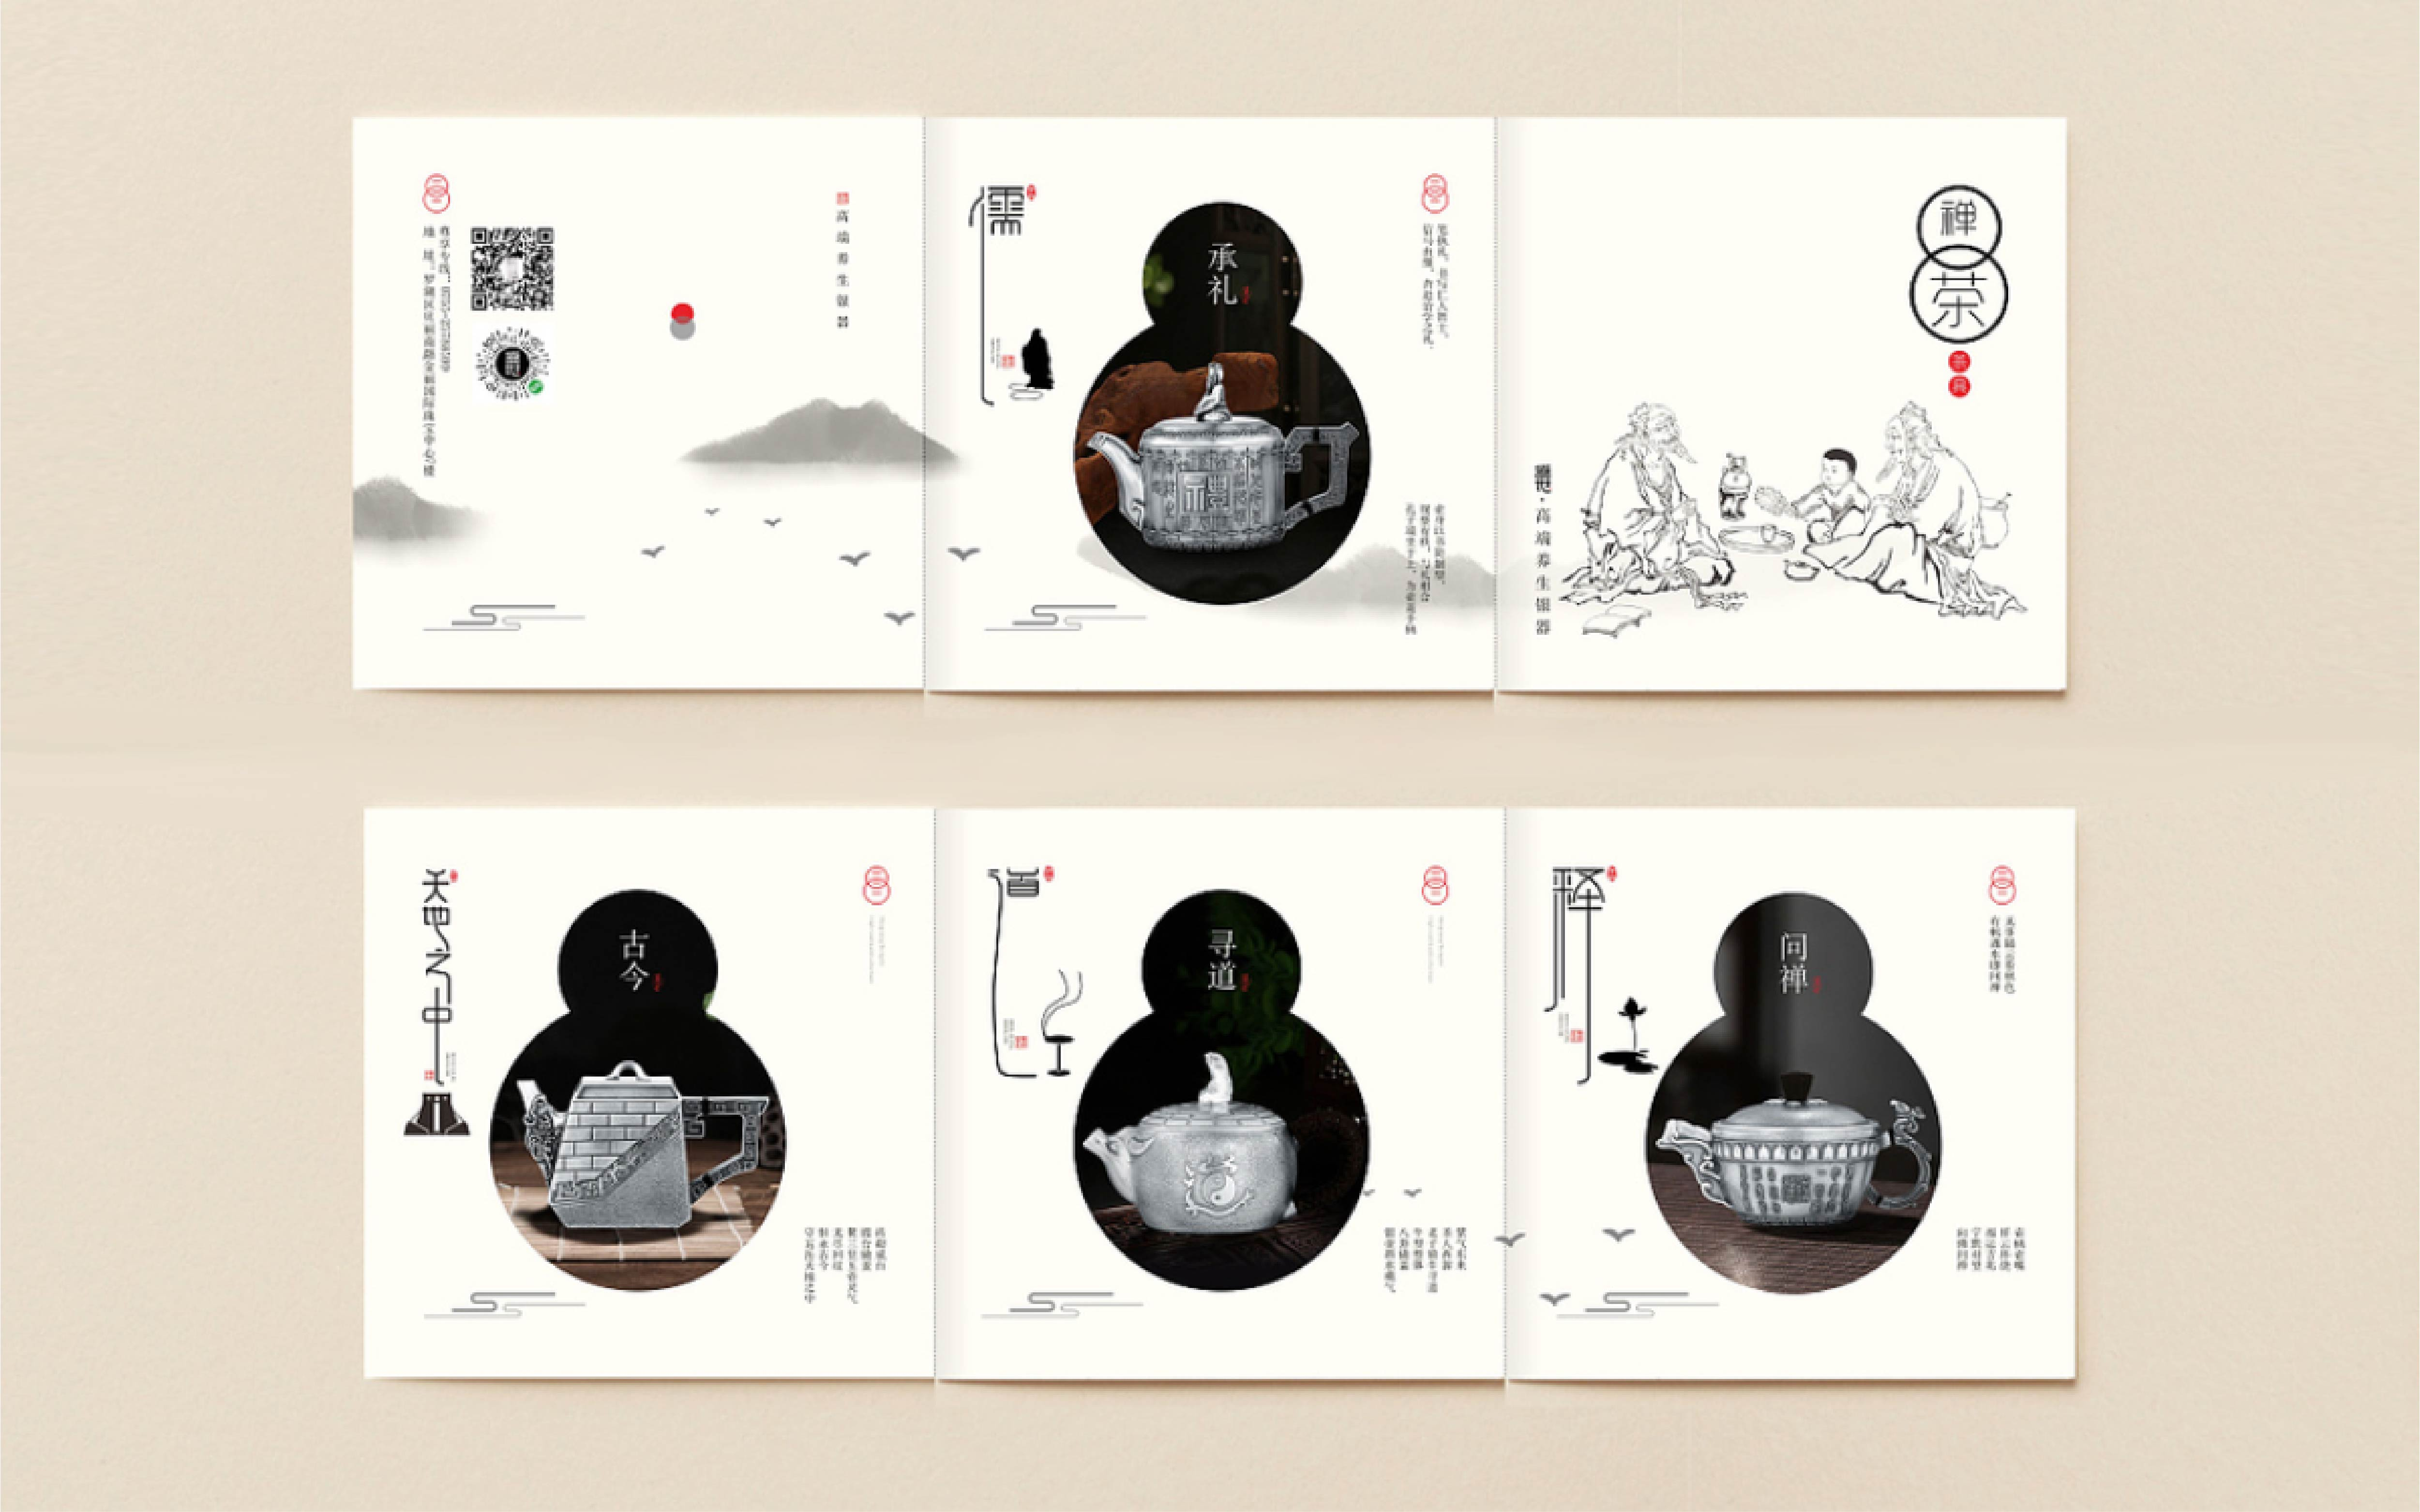 原创设计精致韩风传统中国风卡通风简约科技时尚品牌宣传册设计